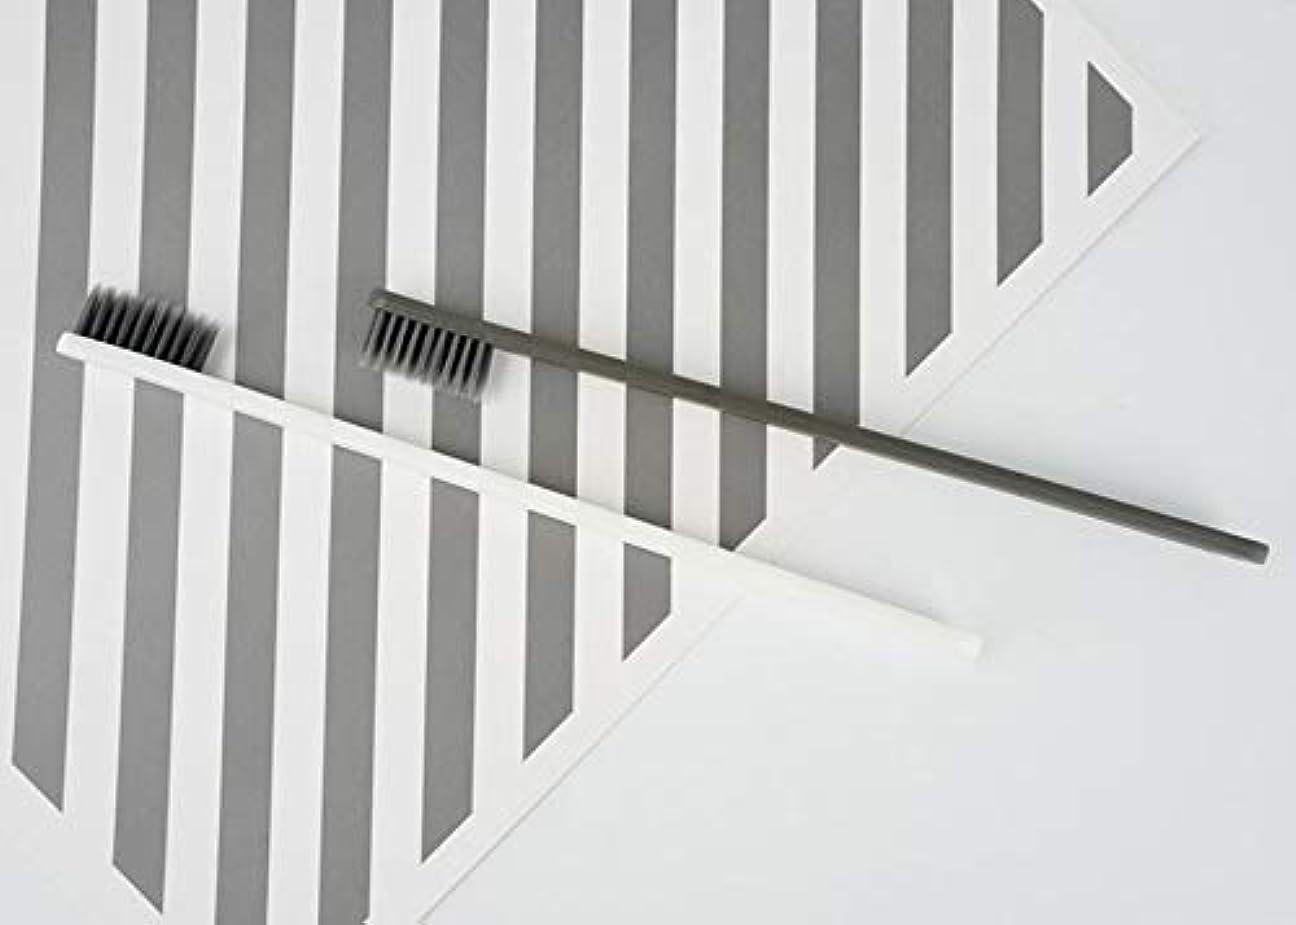 すり減るマラソン略語ホテル歯ブラシ - 5個のファッション 活性炭歯ブラシ 家族のための 口腔洗浄ツール(グレー)